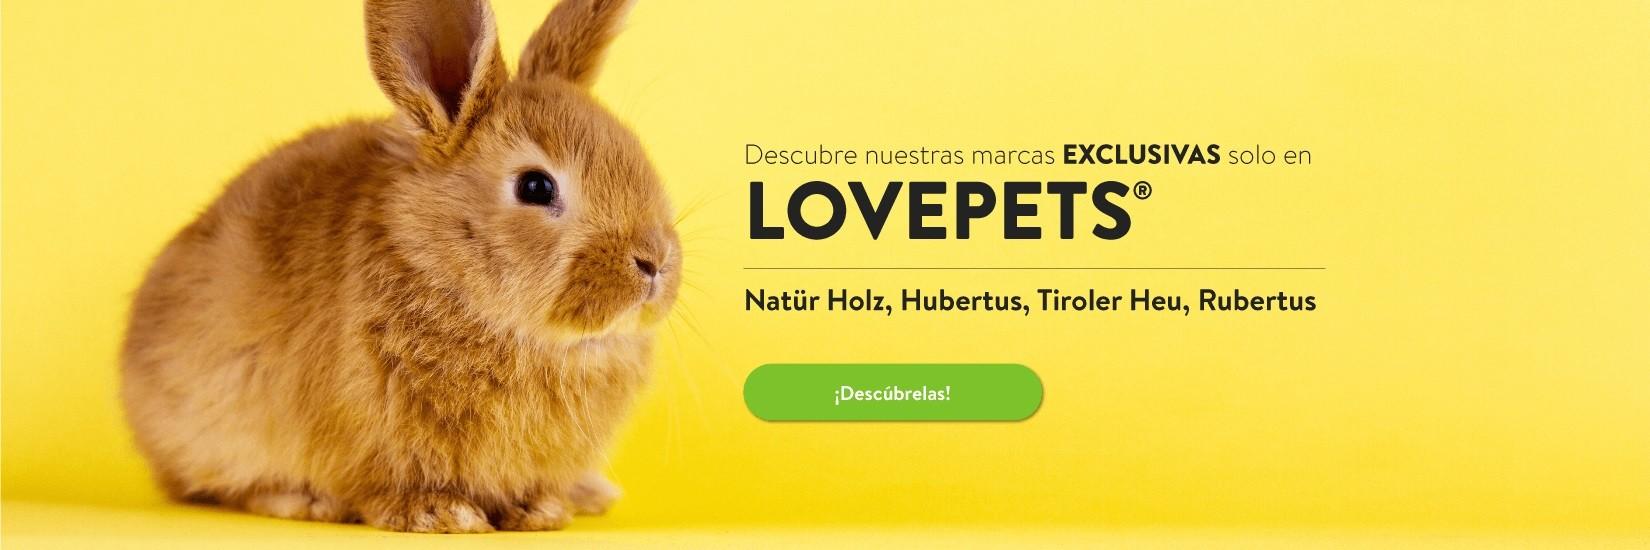 Exclusivos Love Pets